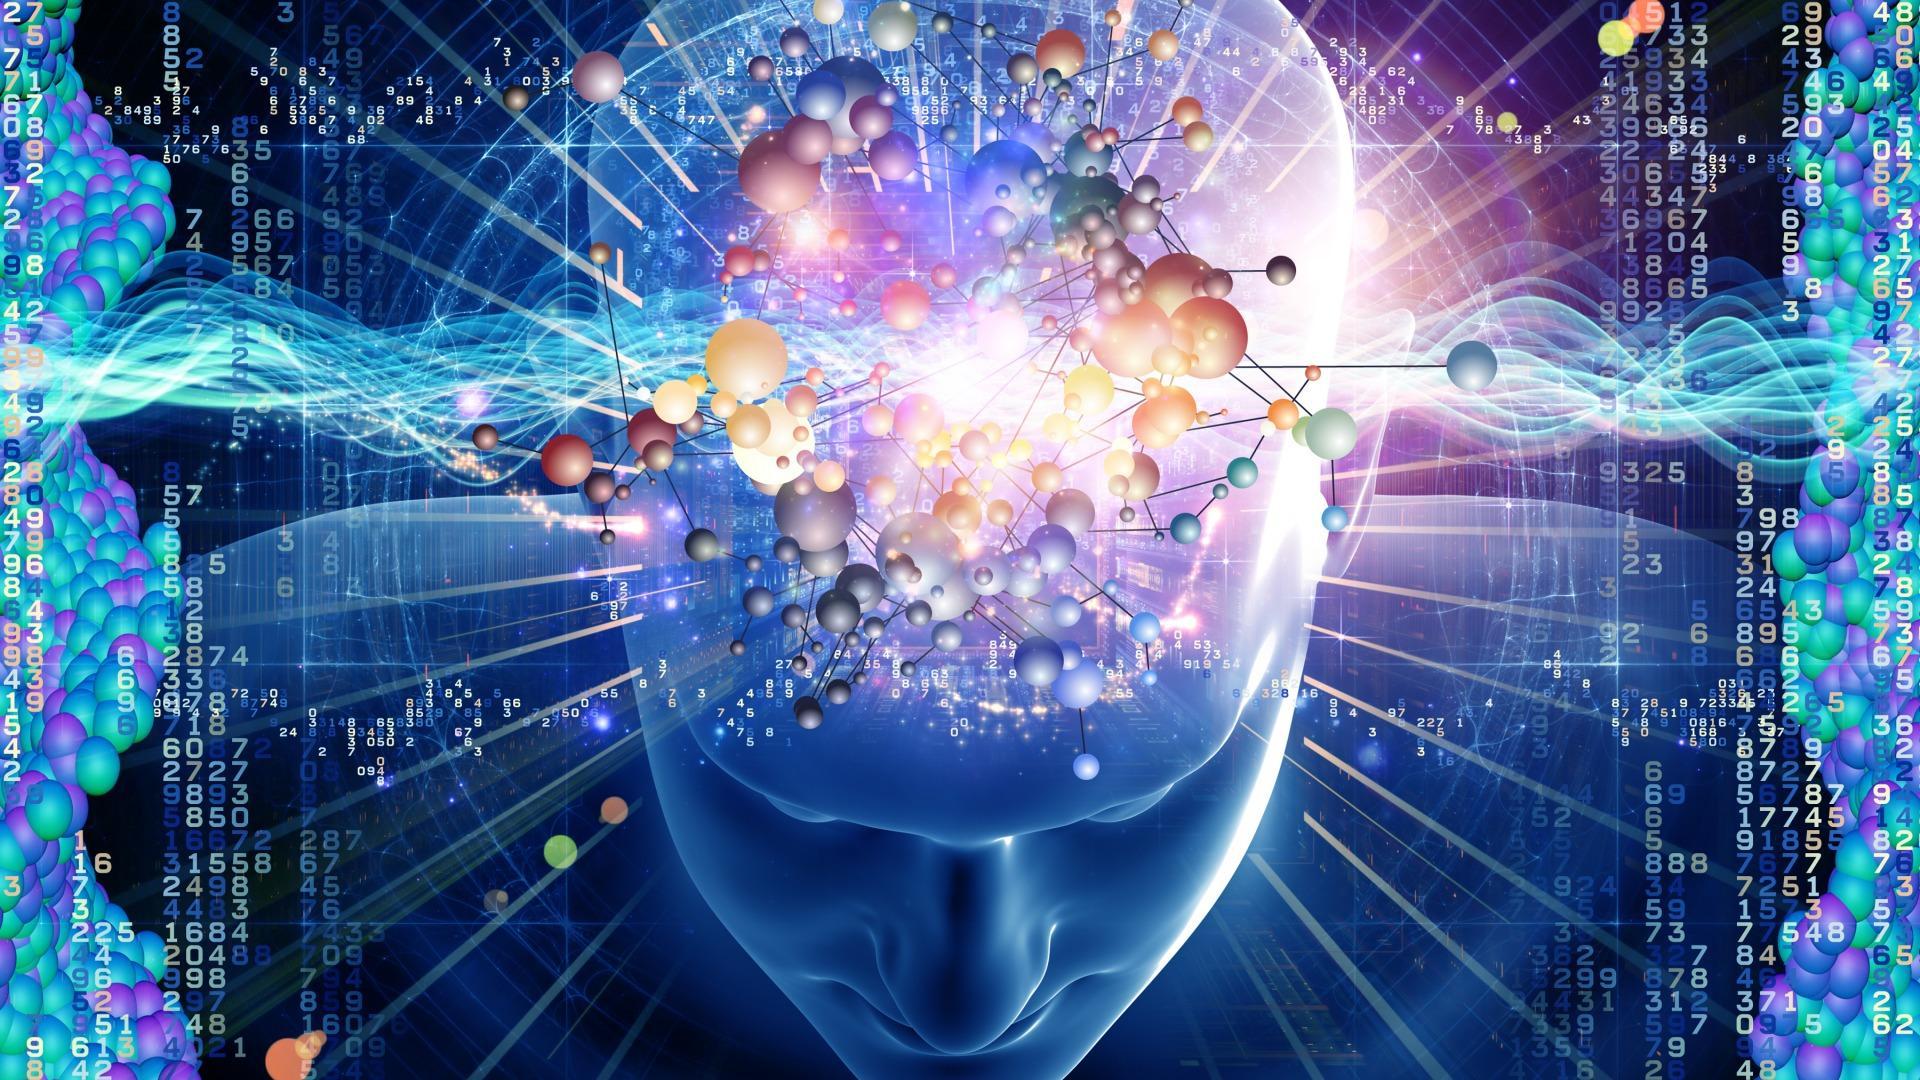 Нейроны голубого пятна и обучение